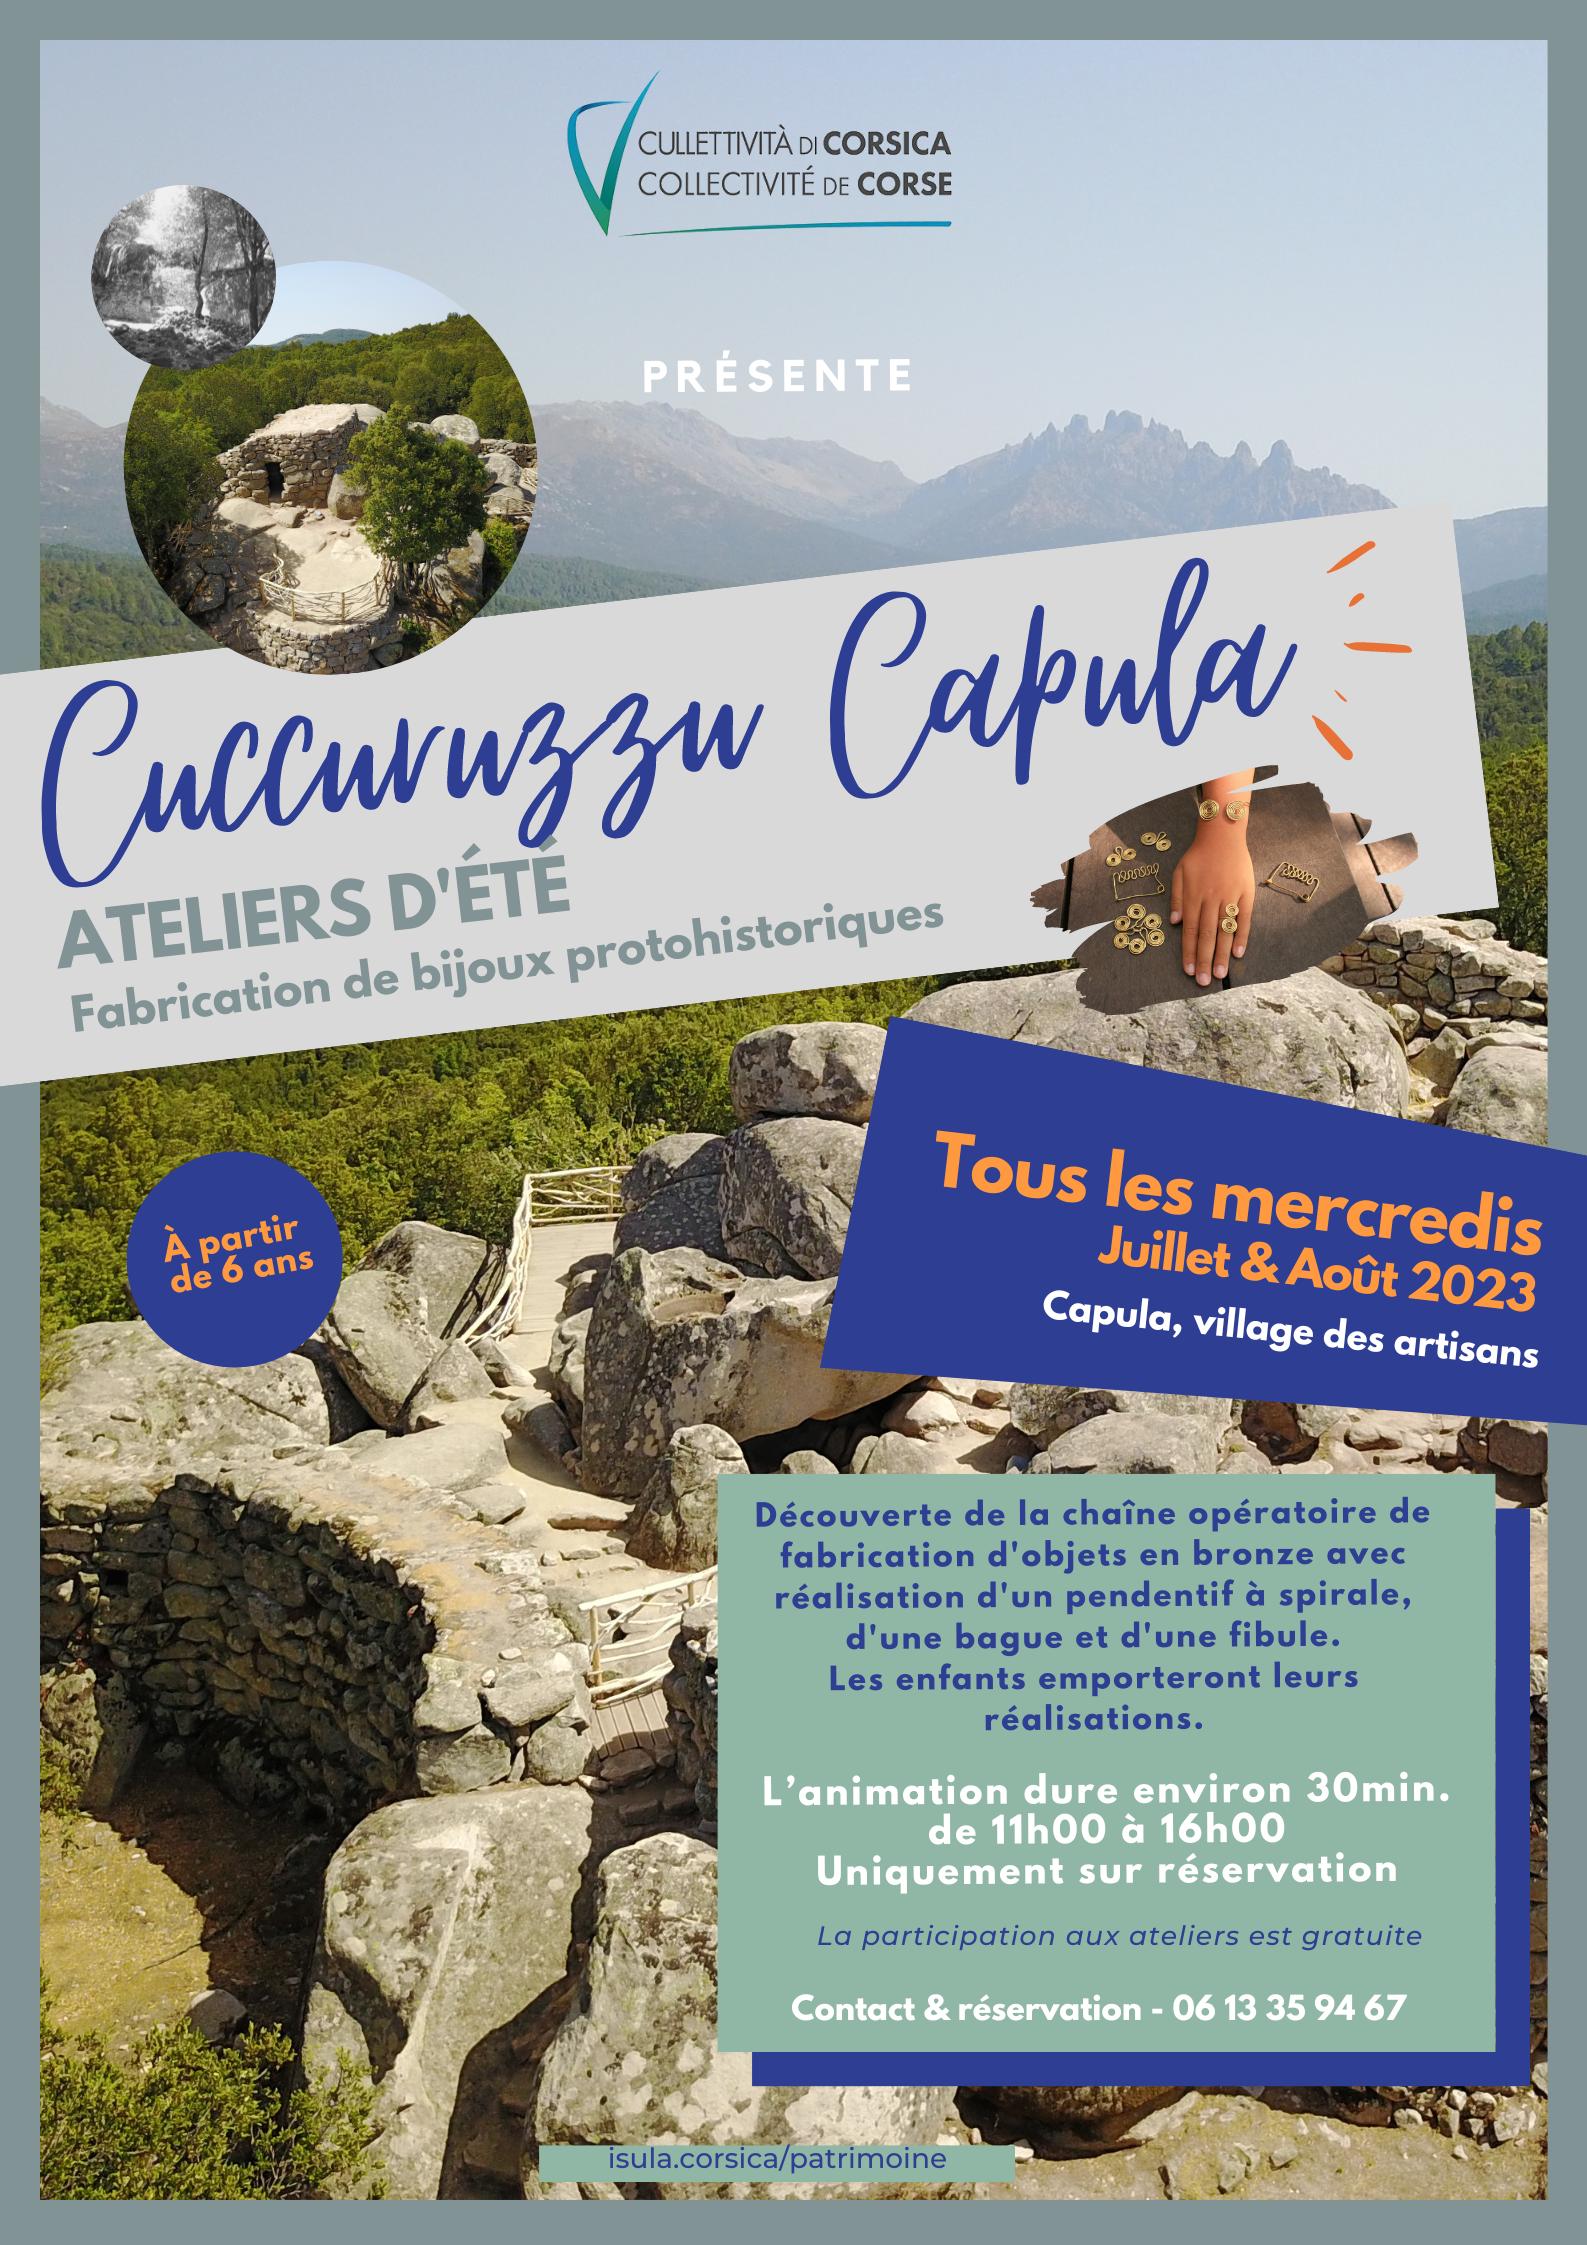 Les ateliers d'été sur les sites archéologiques de Cuccuruzzu-Capula | Saison 2021